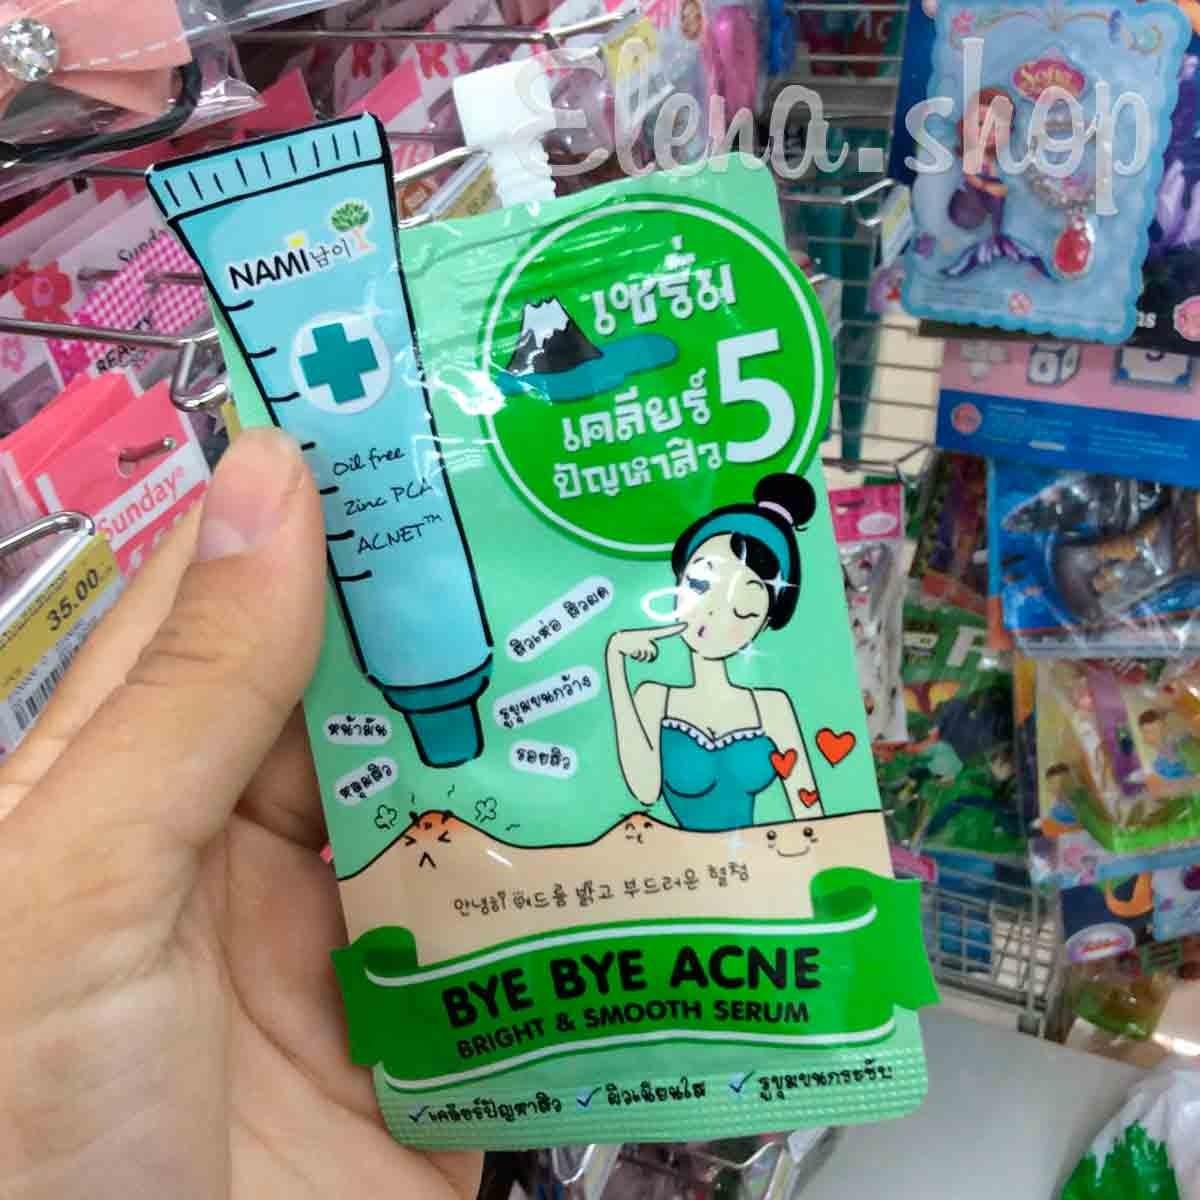 Сыворотка Bye Bye Acne от корейского бренда Nami